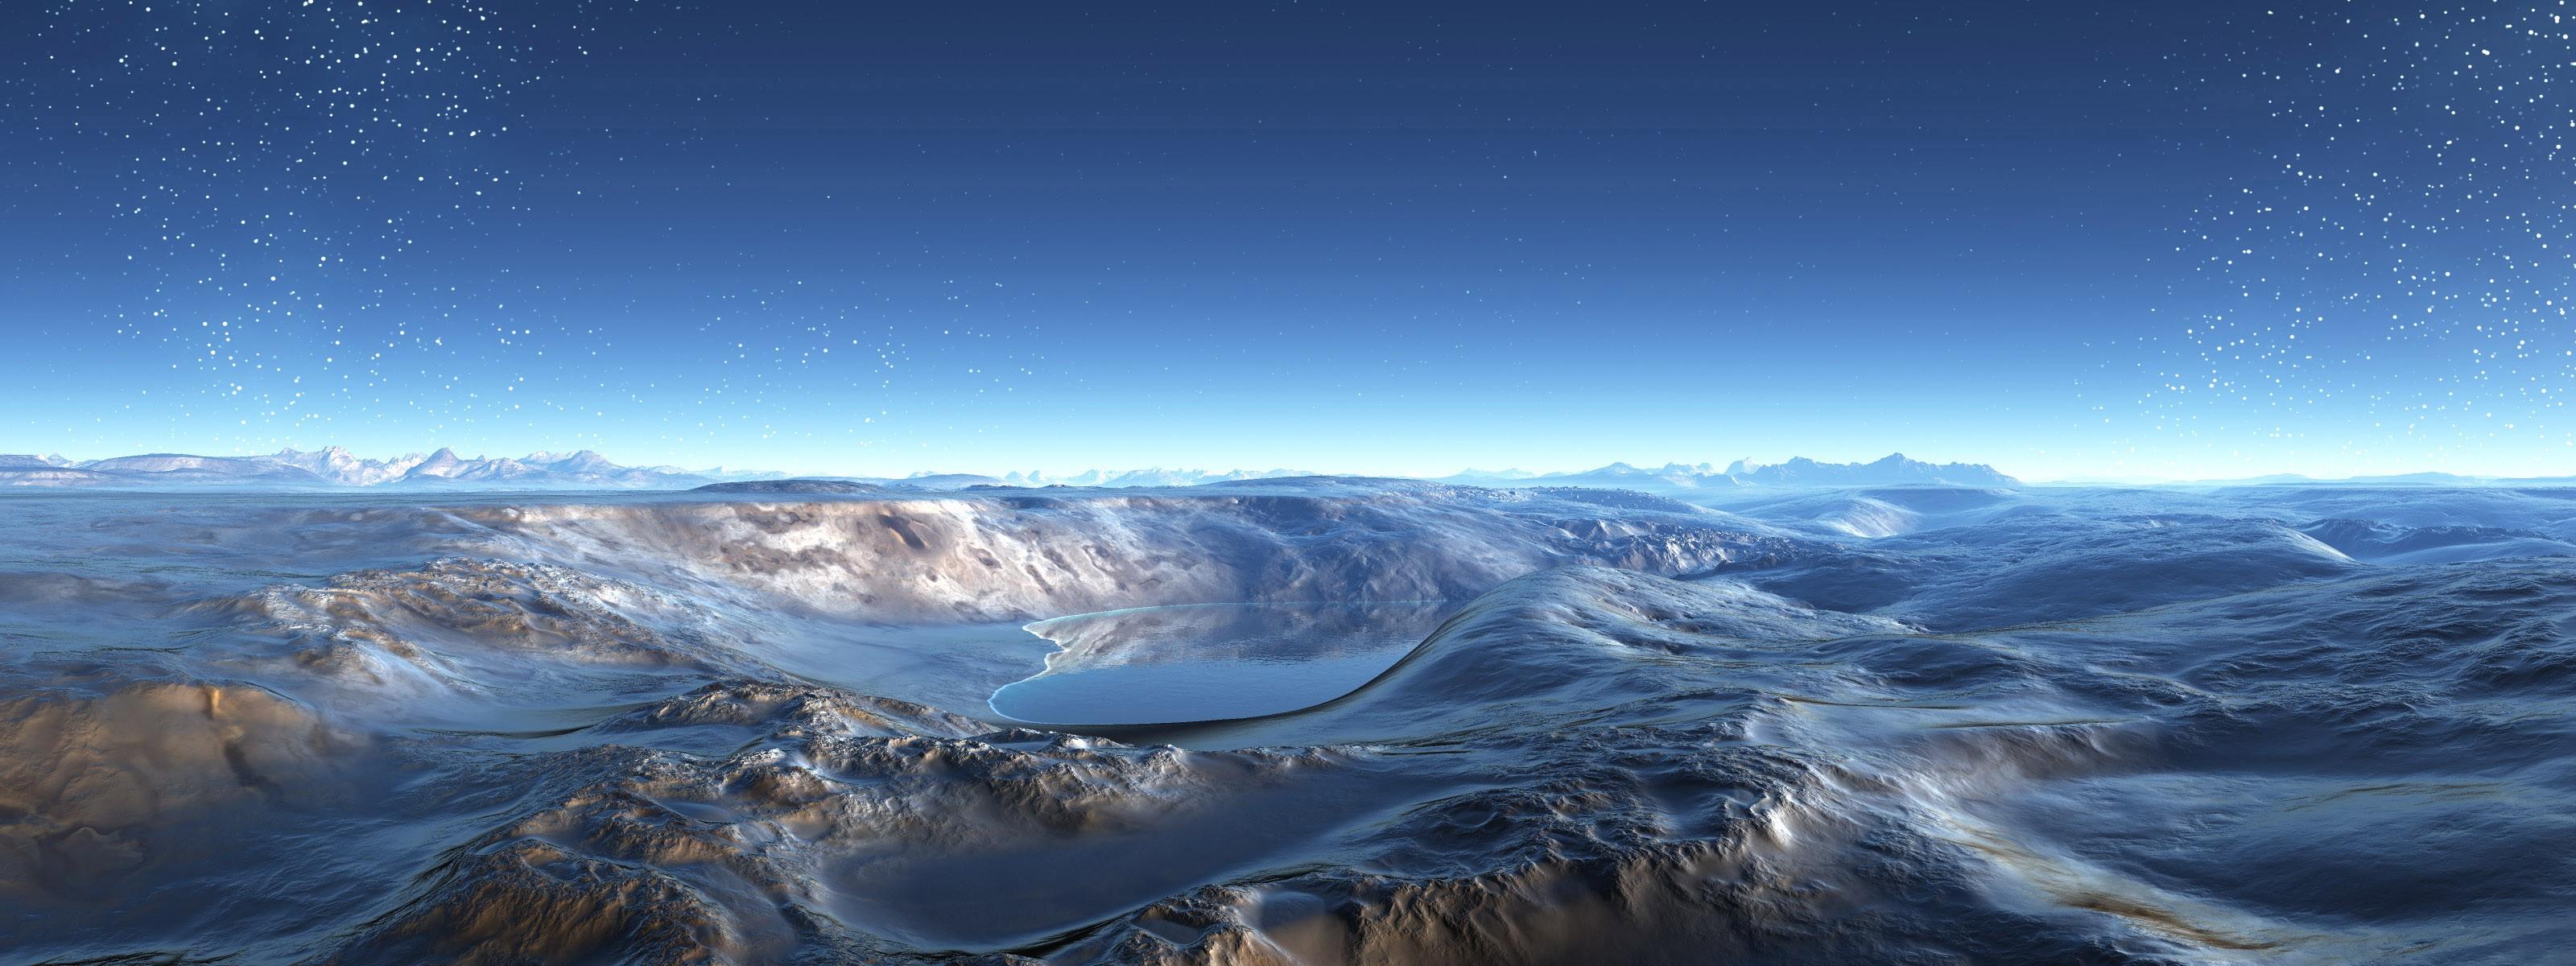 панорама космоса картинка температуры рабочей среды